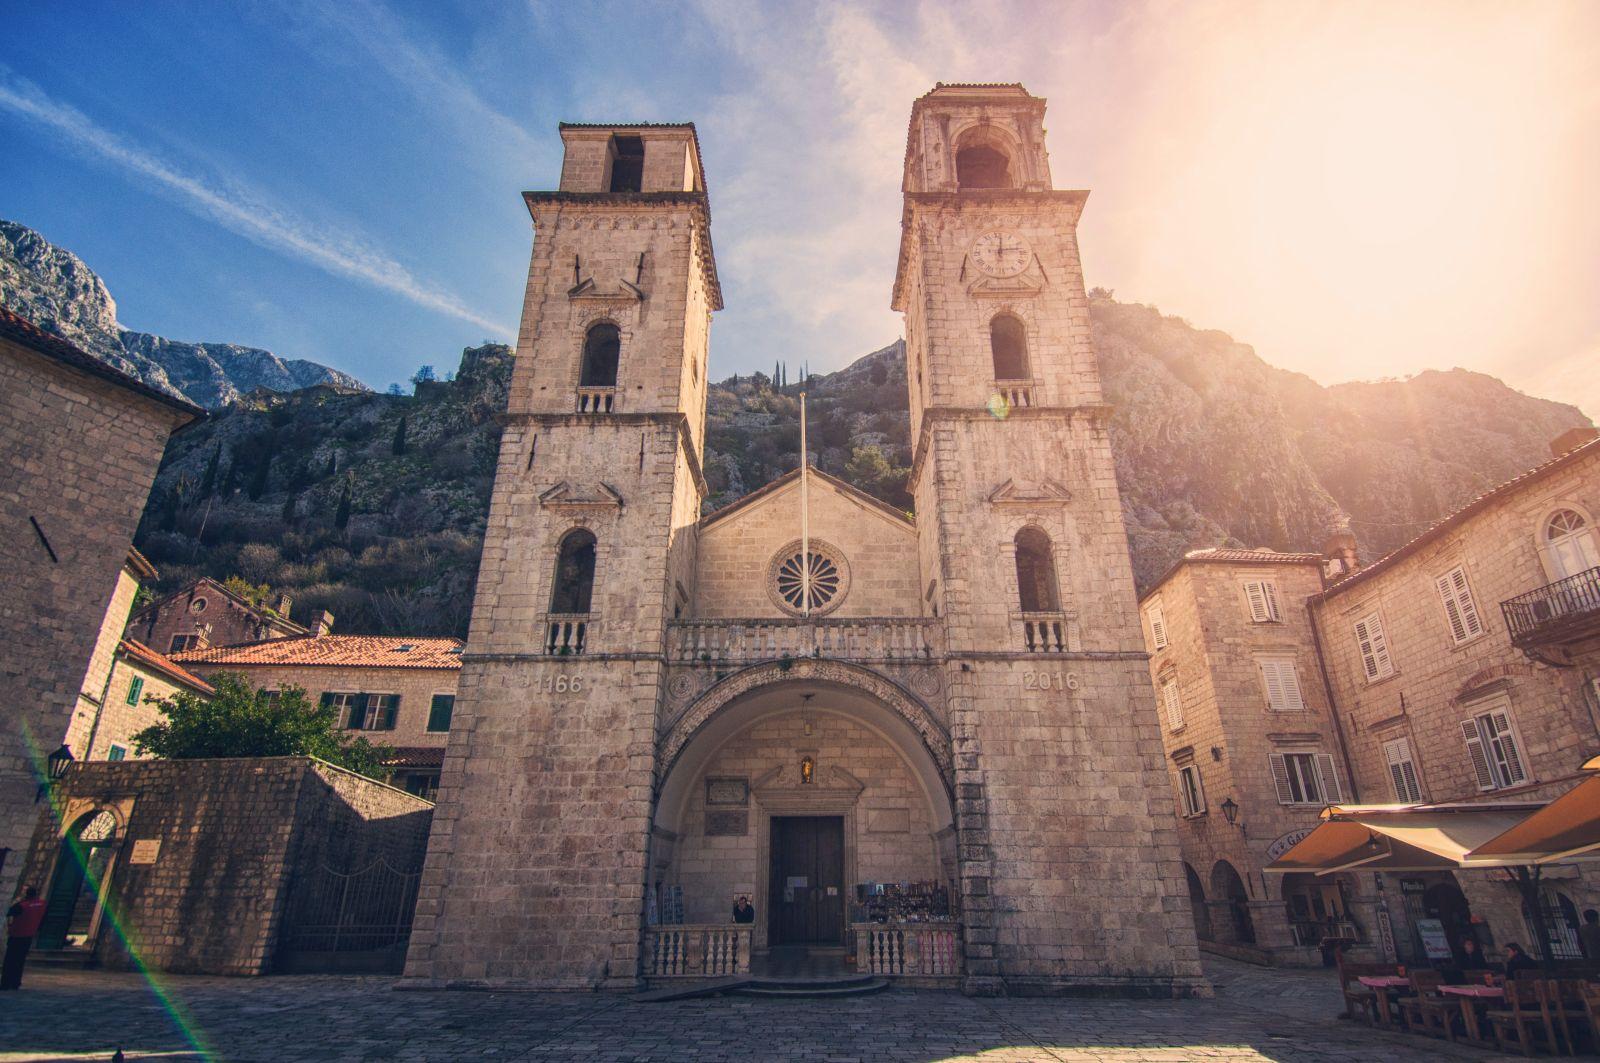 Katedra św. Tryfona.